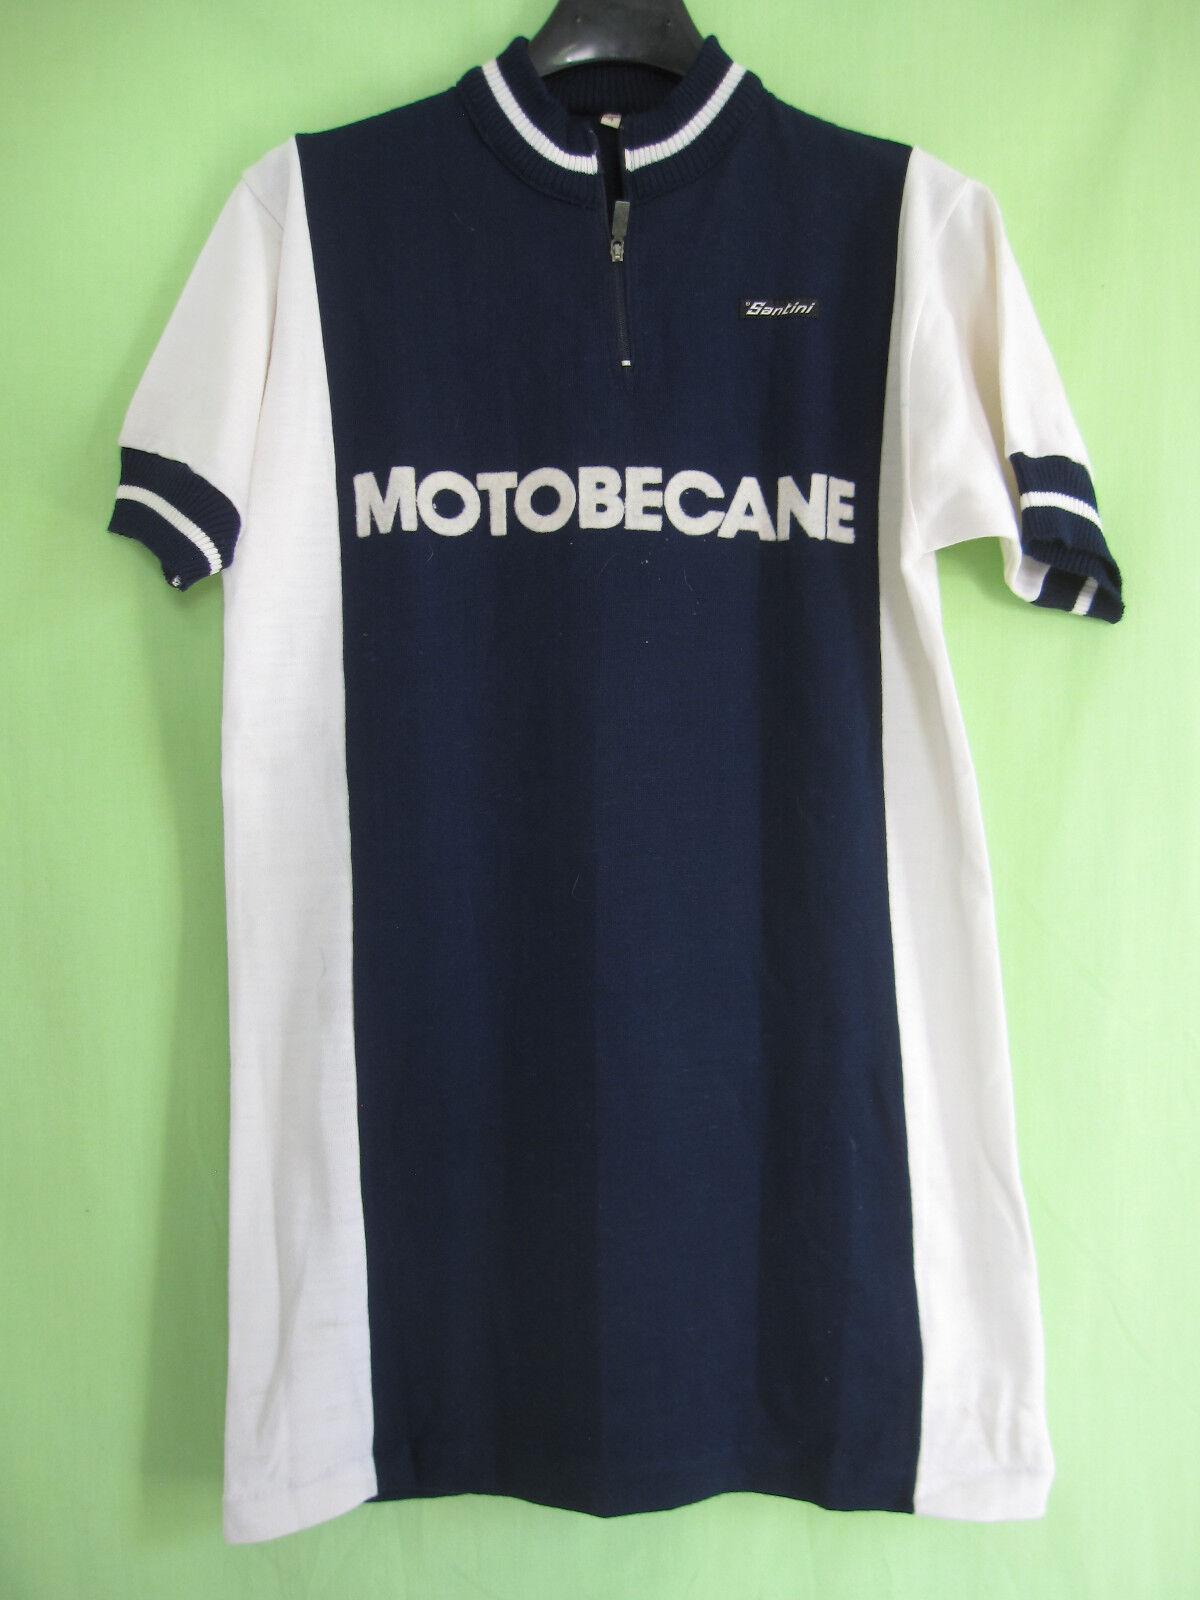 Maillot Cycliste MOTOBECANE Santini acrylique Vintage jersey tricot - 4   L